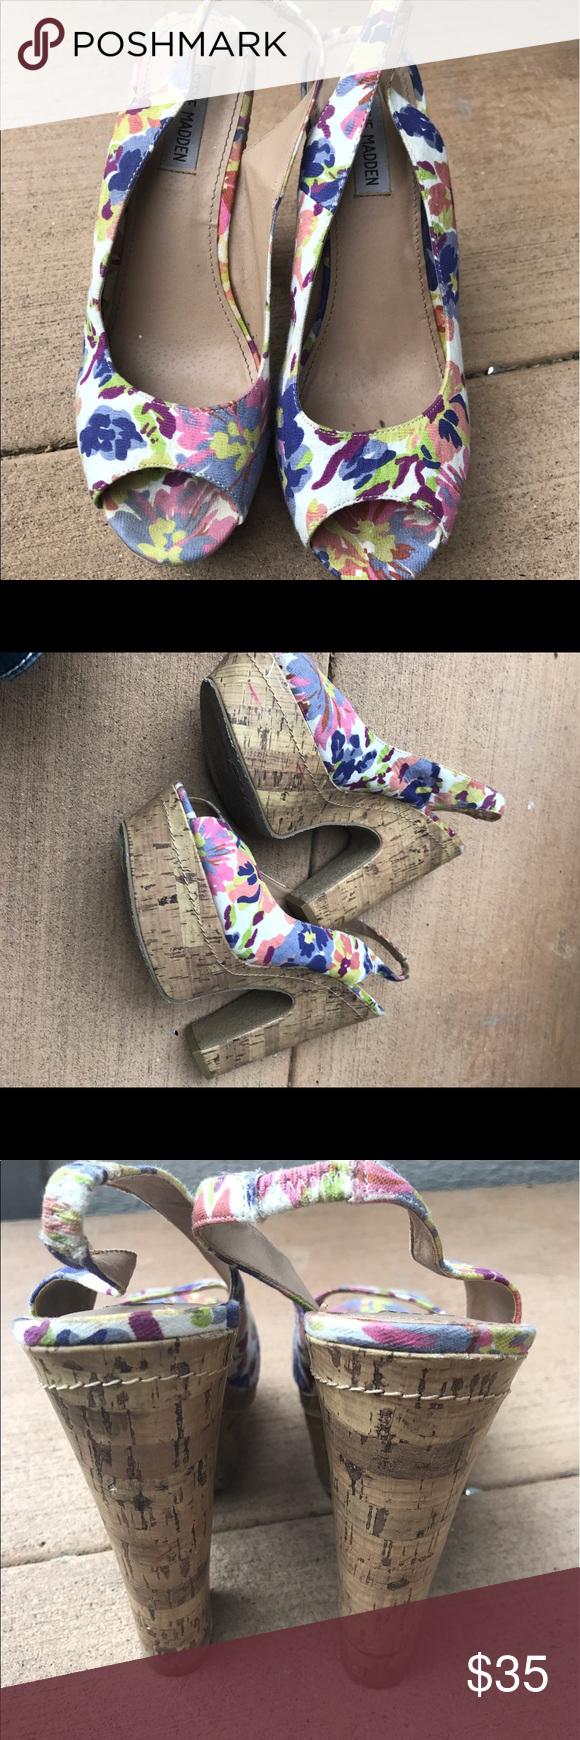 Steve Madden platform Sz 10 Perfect for summer beautiful floral design Steve Madden Shoes Platforms